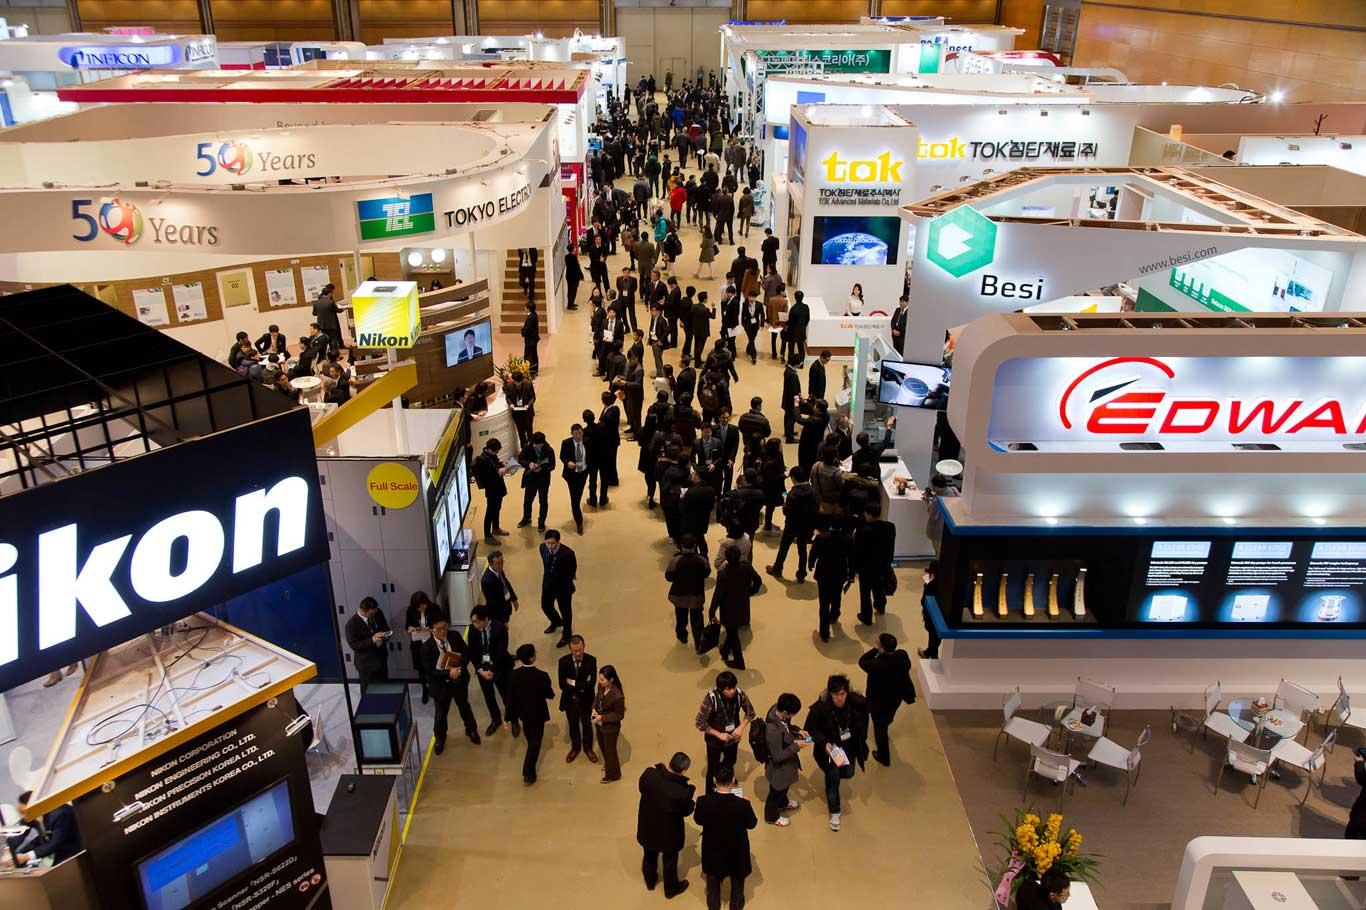 نمایشگاه سالانه انجمن واردکنندگان کره جنوبی